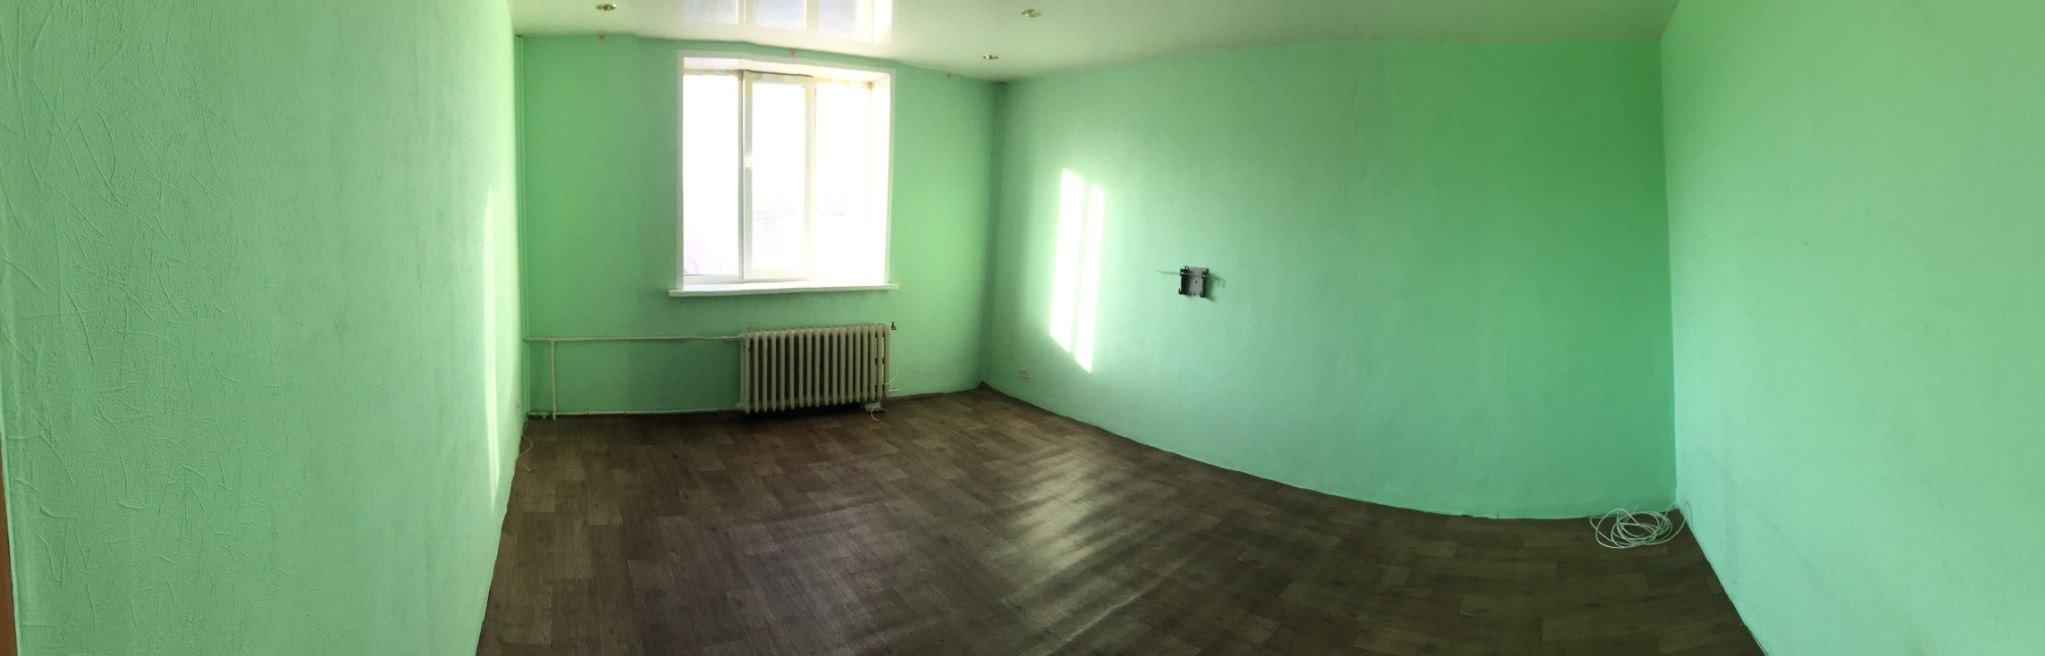 Двухкомнатной квартиры по советской армии магнцитмогорске